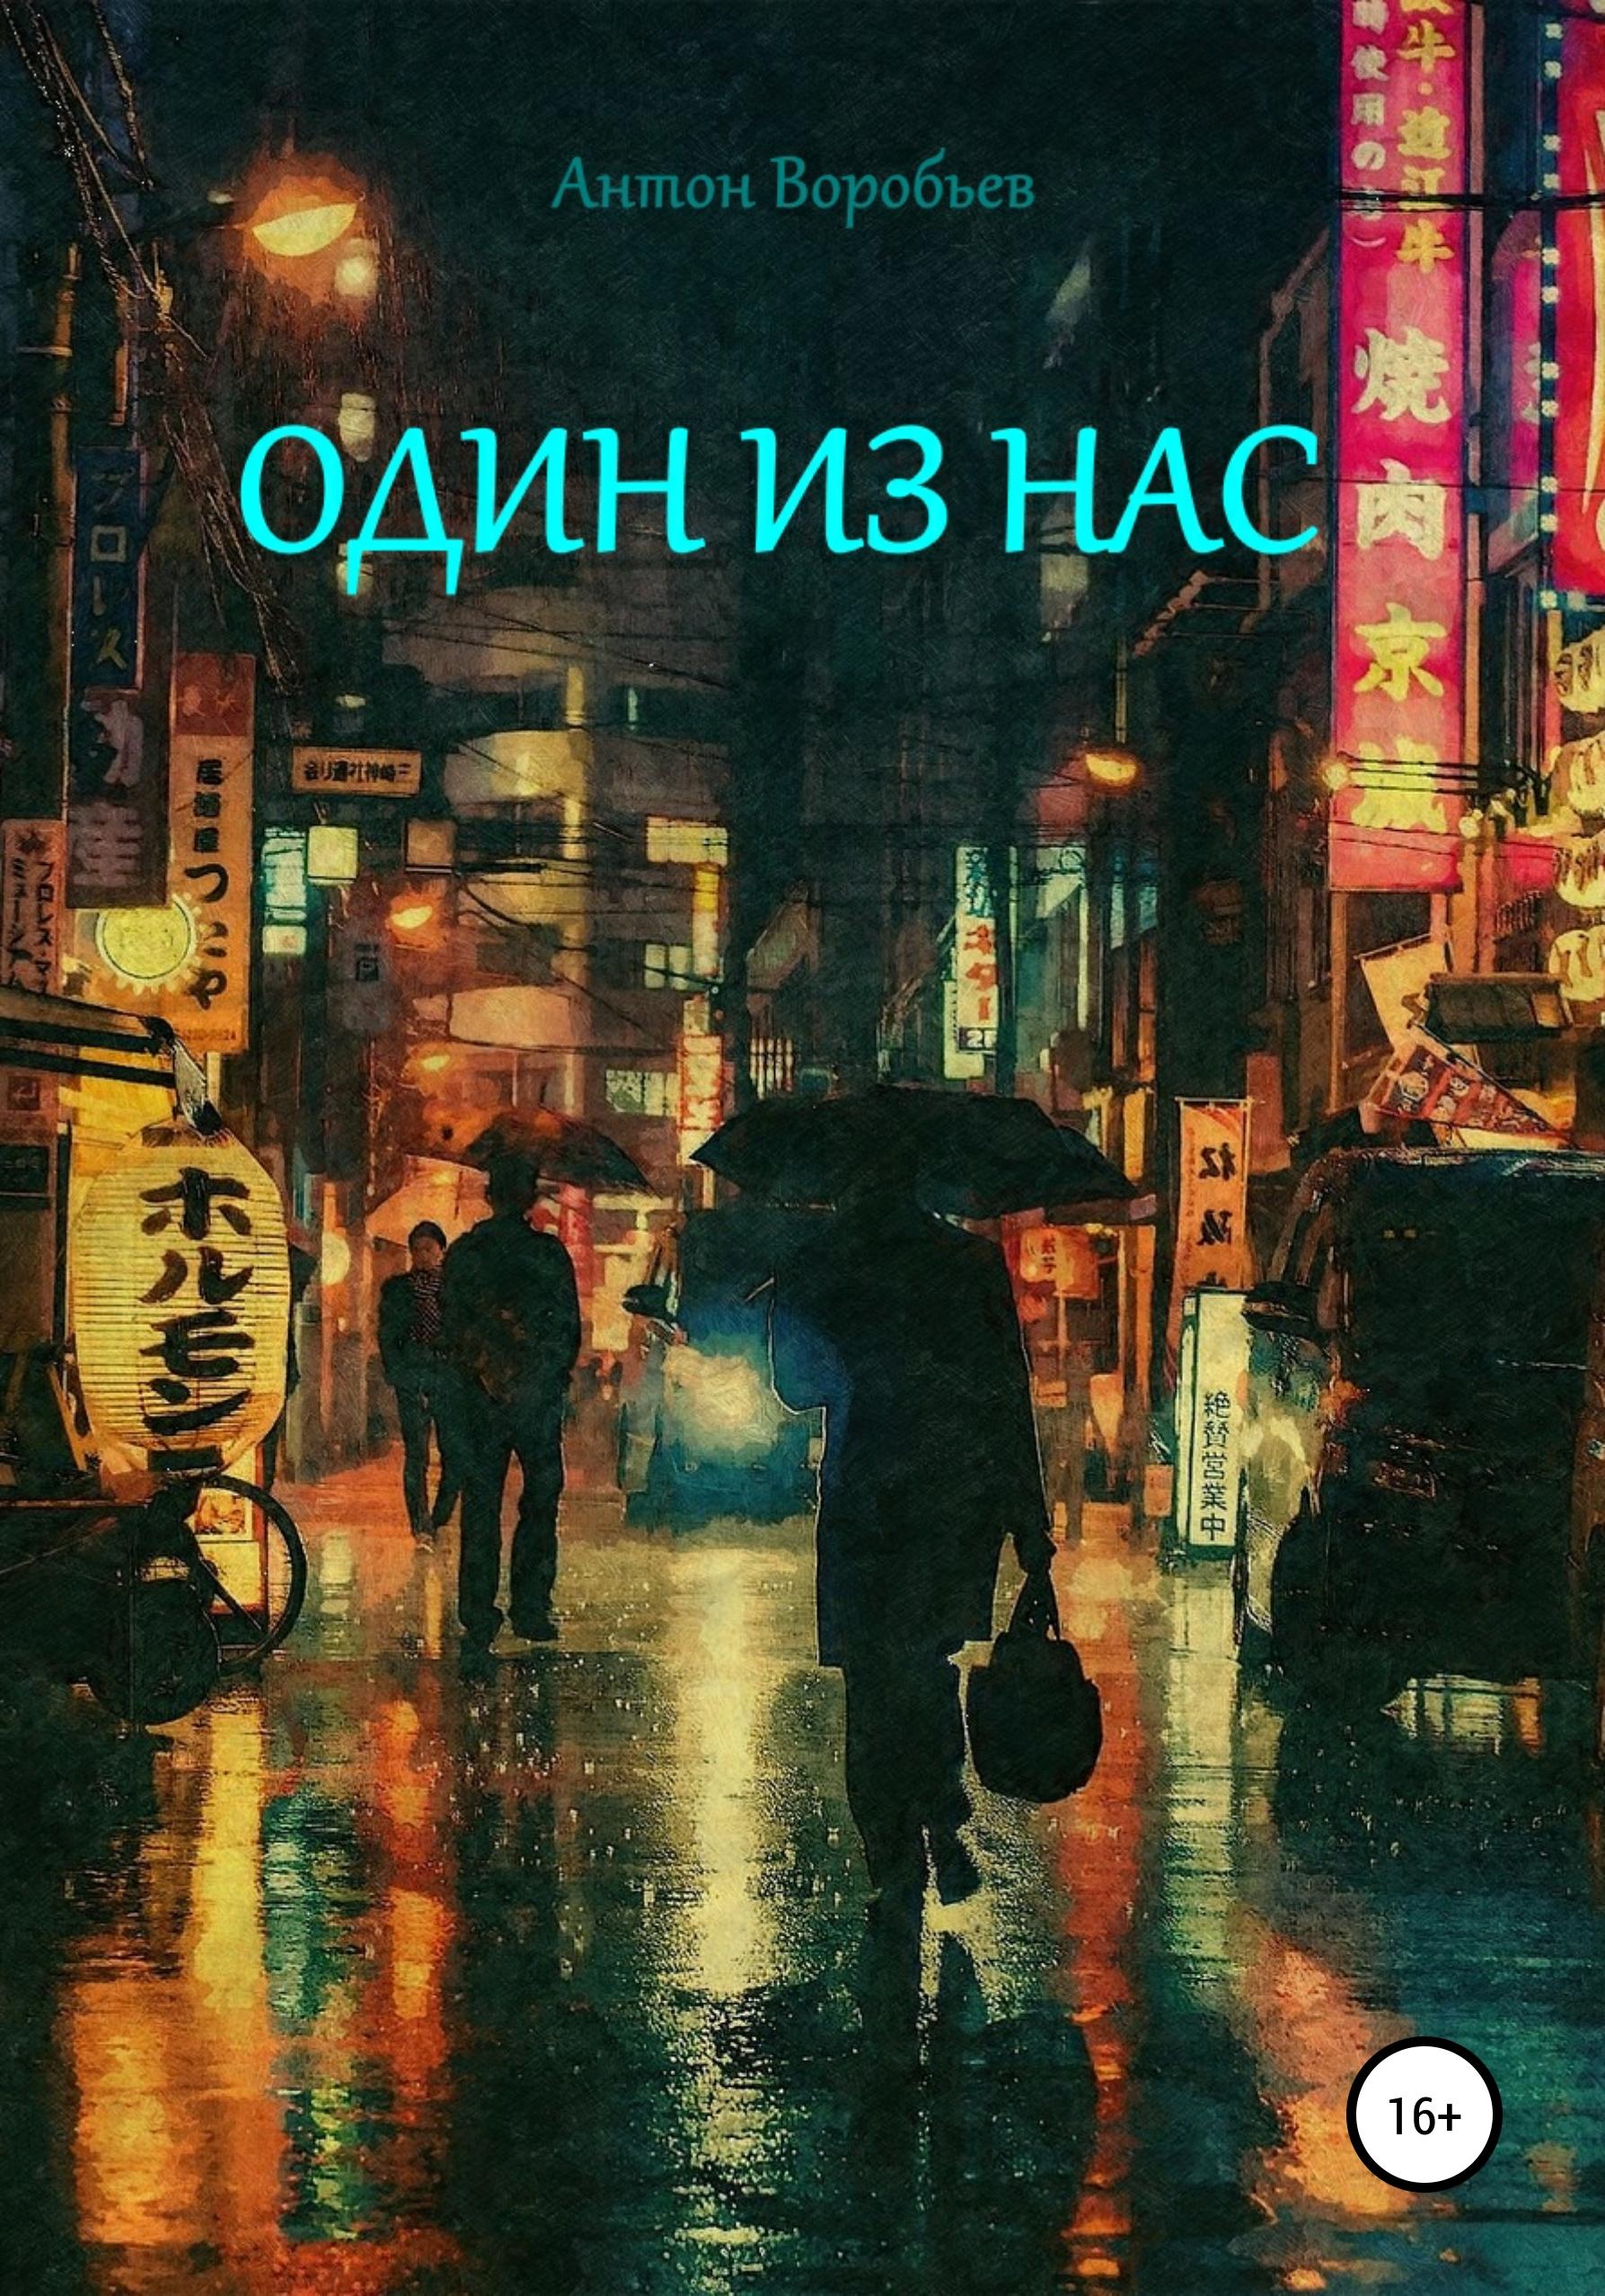 Антон Алексеевич Воробьев Один из нас антон алексеевич воробьев сны пустыни